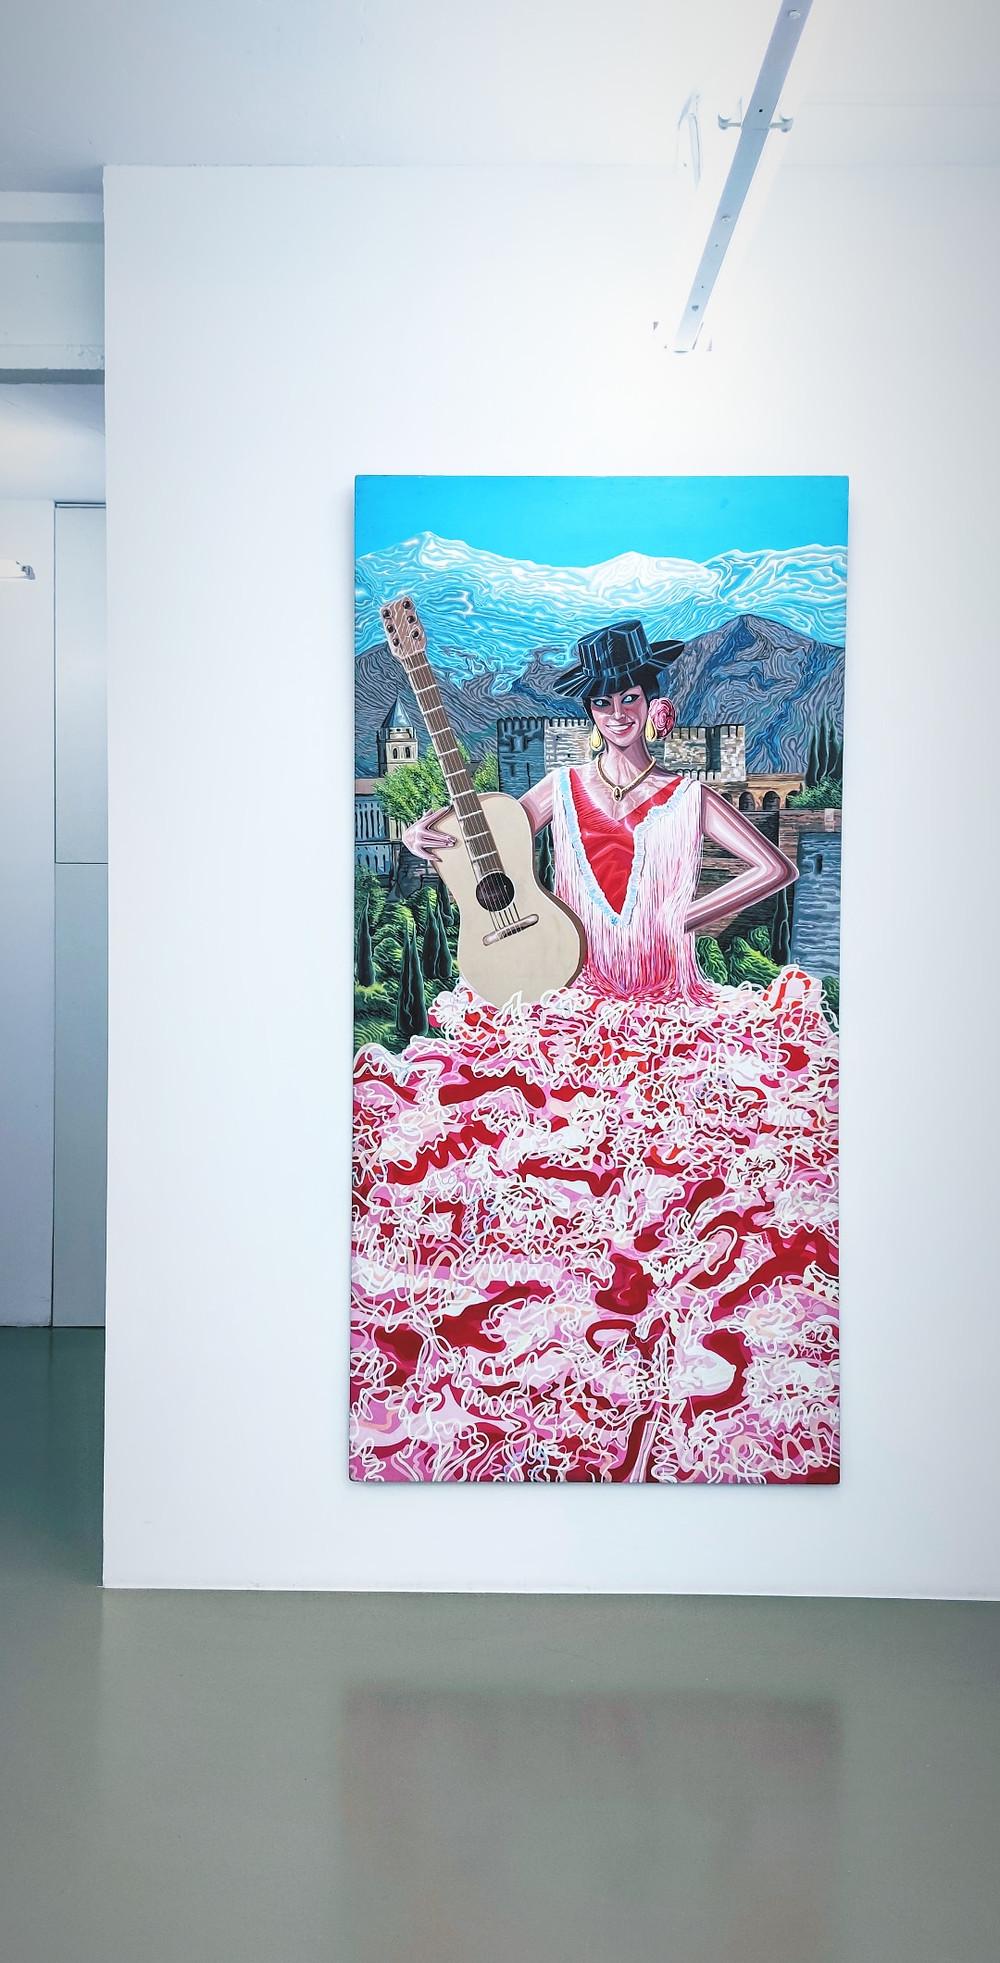 La exposición ¡Acción y efecto de topetar', de Costus, en la Galería Maisterravalbuena.